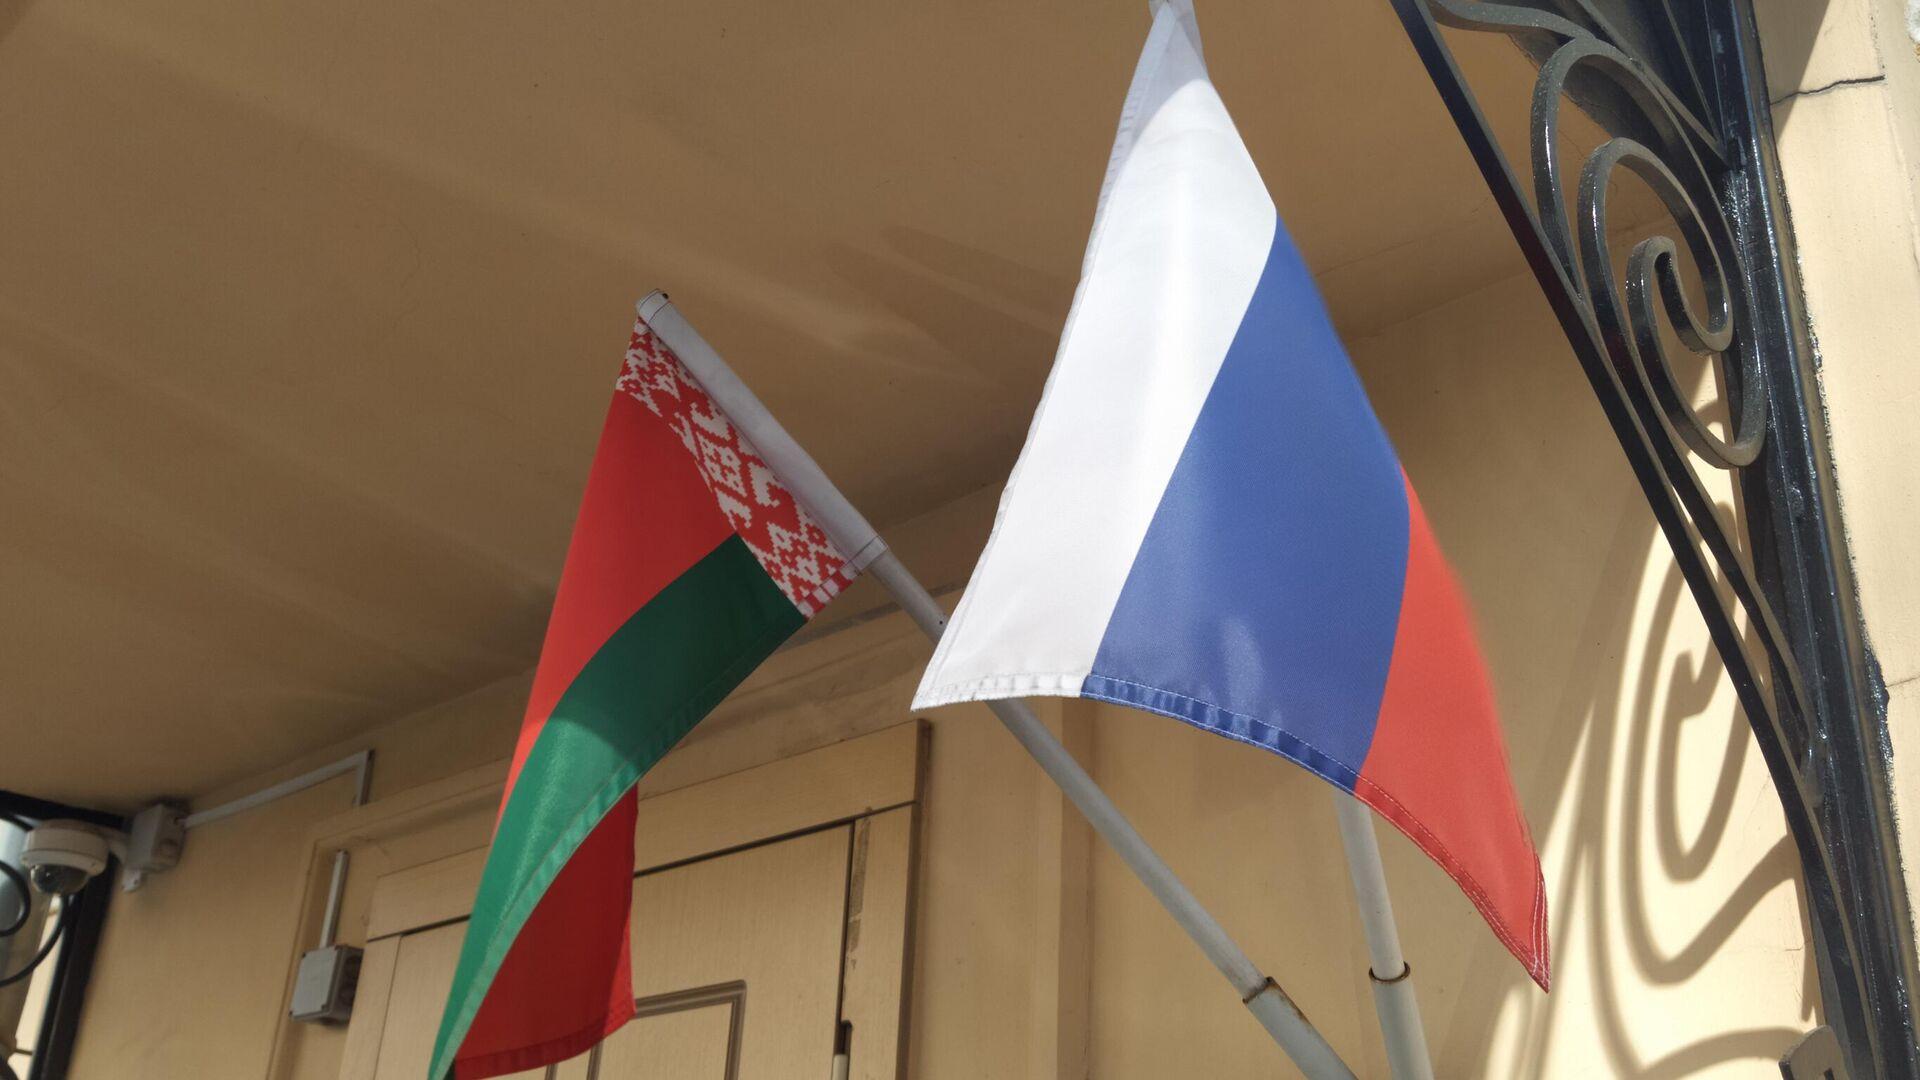 Banderas de Bielorrusia y Rusia - Sputnik Mundo, 1920, 13.07.2021